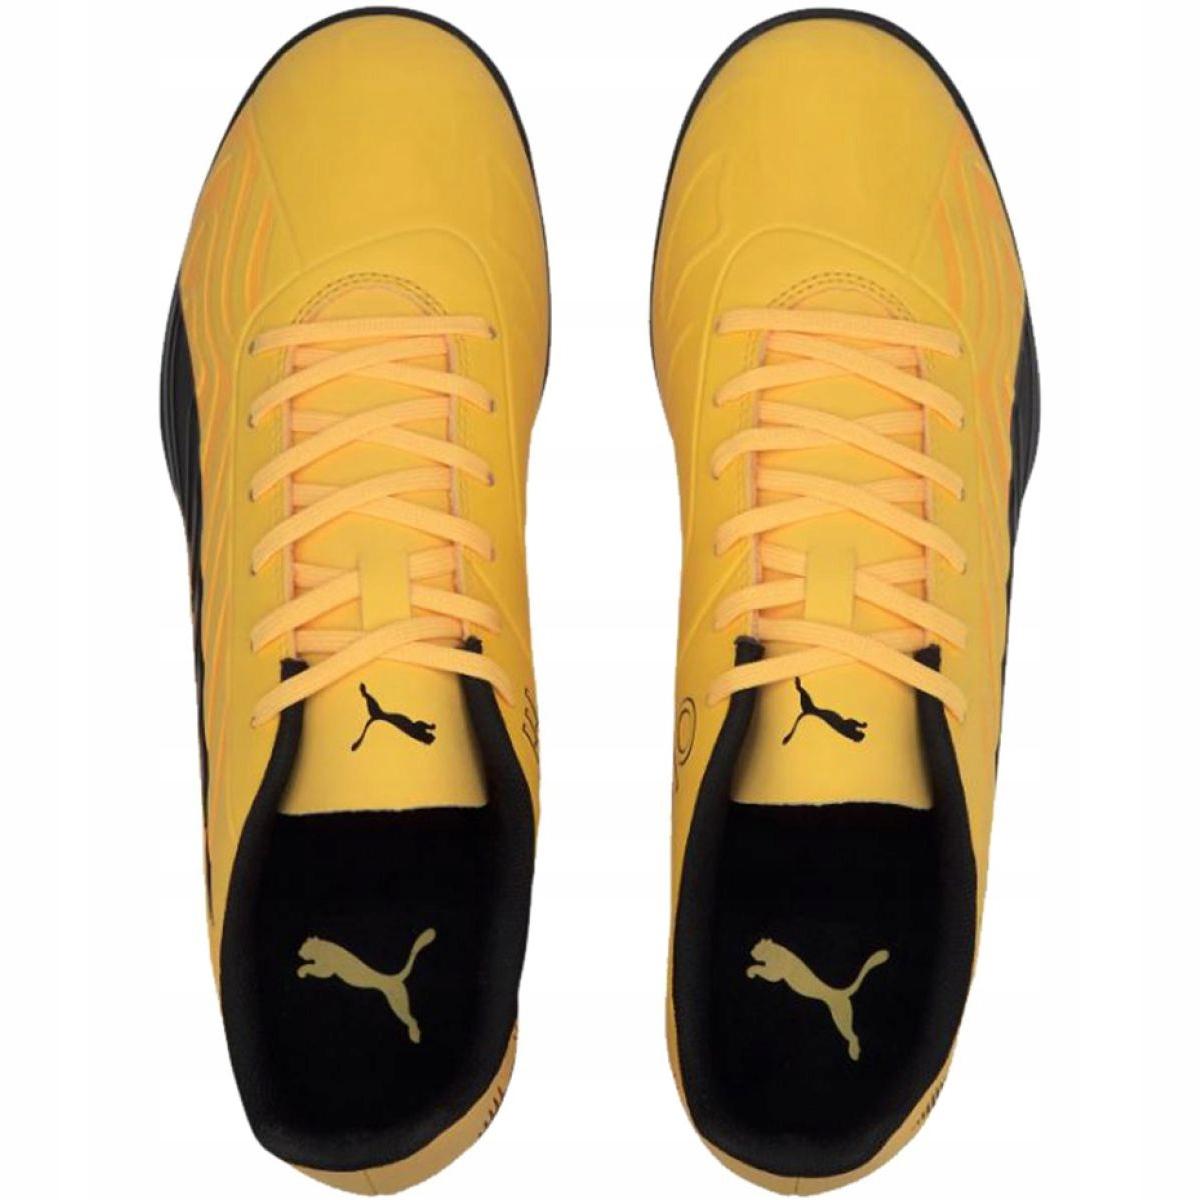 Buty piłkarskie Puma One 20.4 Tt M 105833 01 żółte żółty